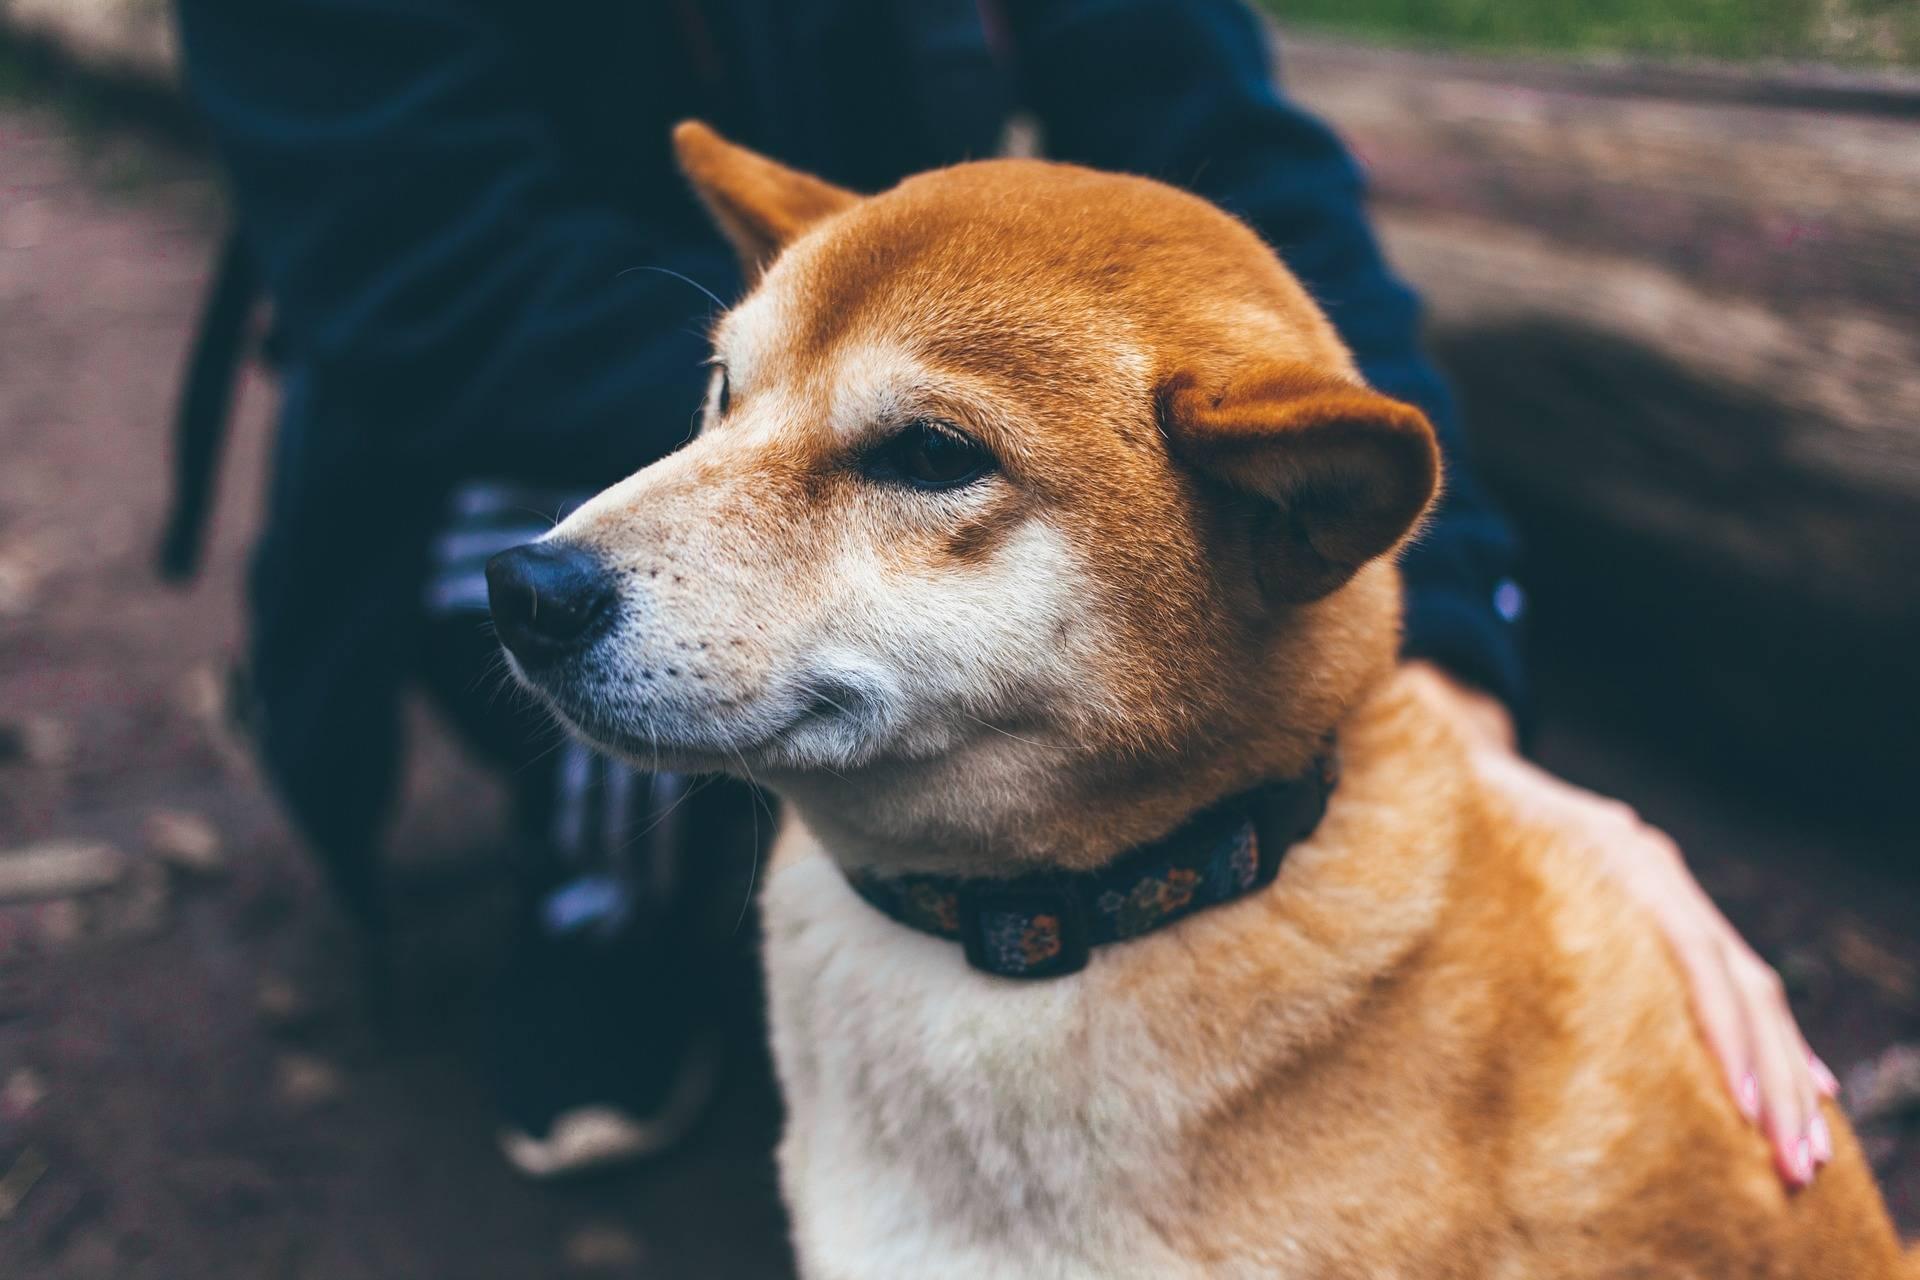 ¿Perros o gatos? estudio asegura que caninos son más queridos por los humanos